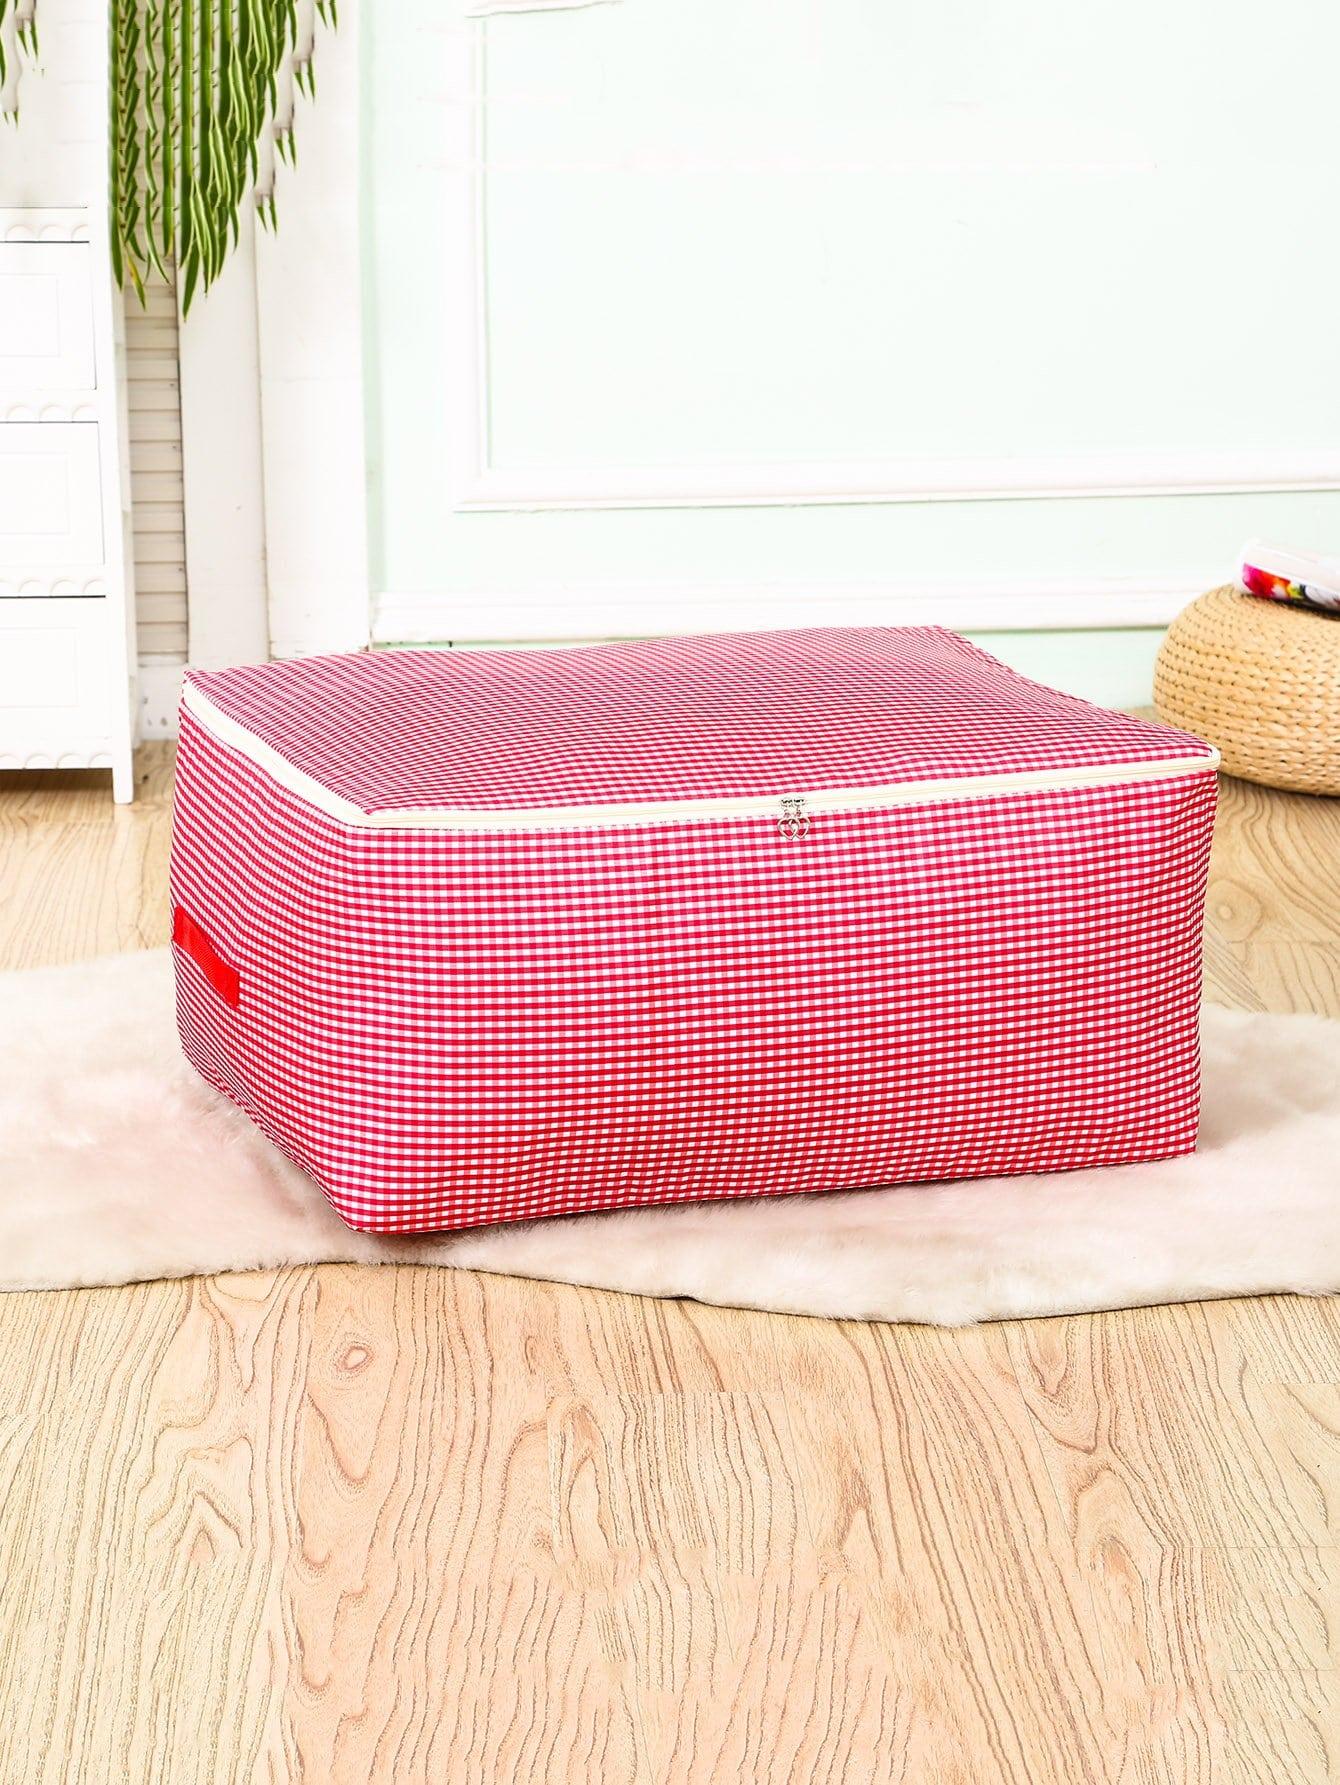 Купить Большой ящик для хранения в клетку 3 шт., null, SheIn